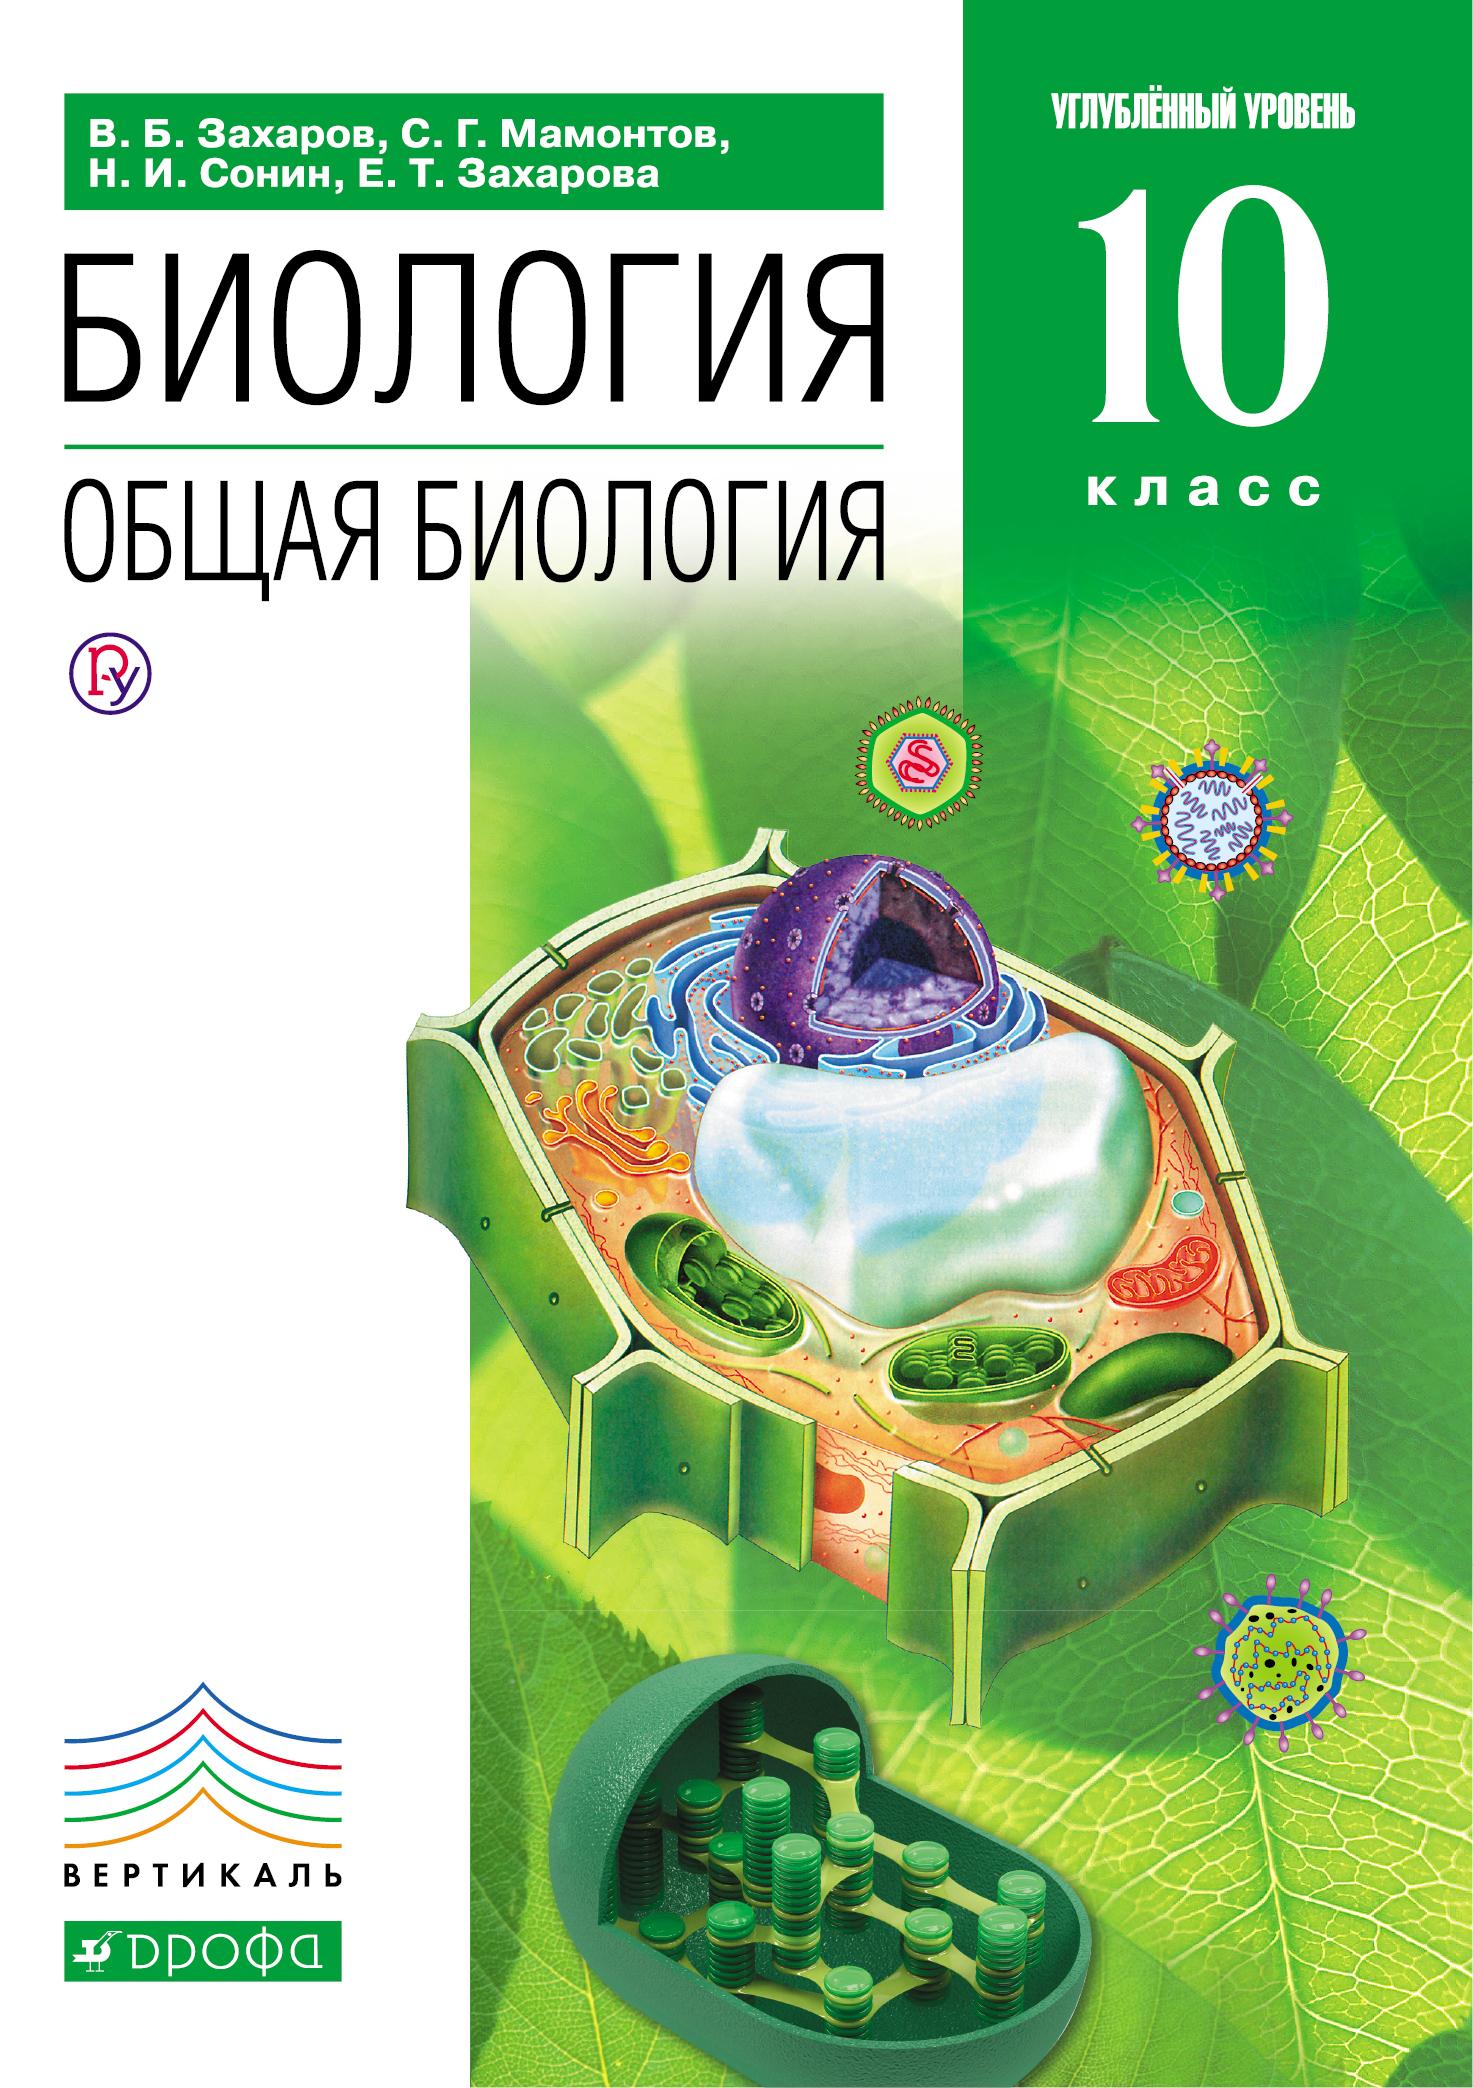 Общая биология. 10 класс. Учебник (углубленный уровень). ВЕРТИКАЛЬ ( Захаров В.Б., Мамонтов С.Г.,  )